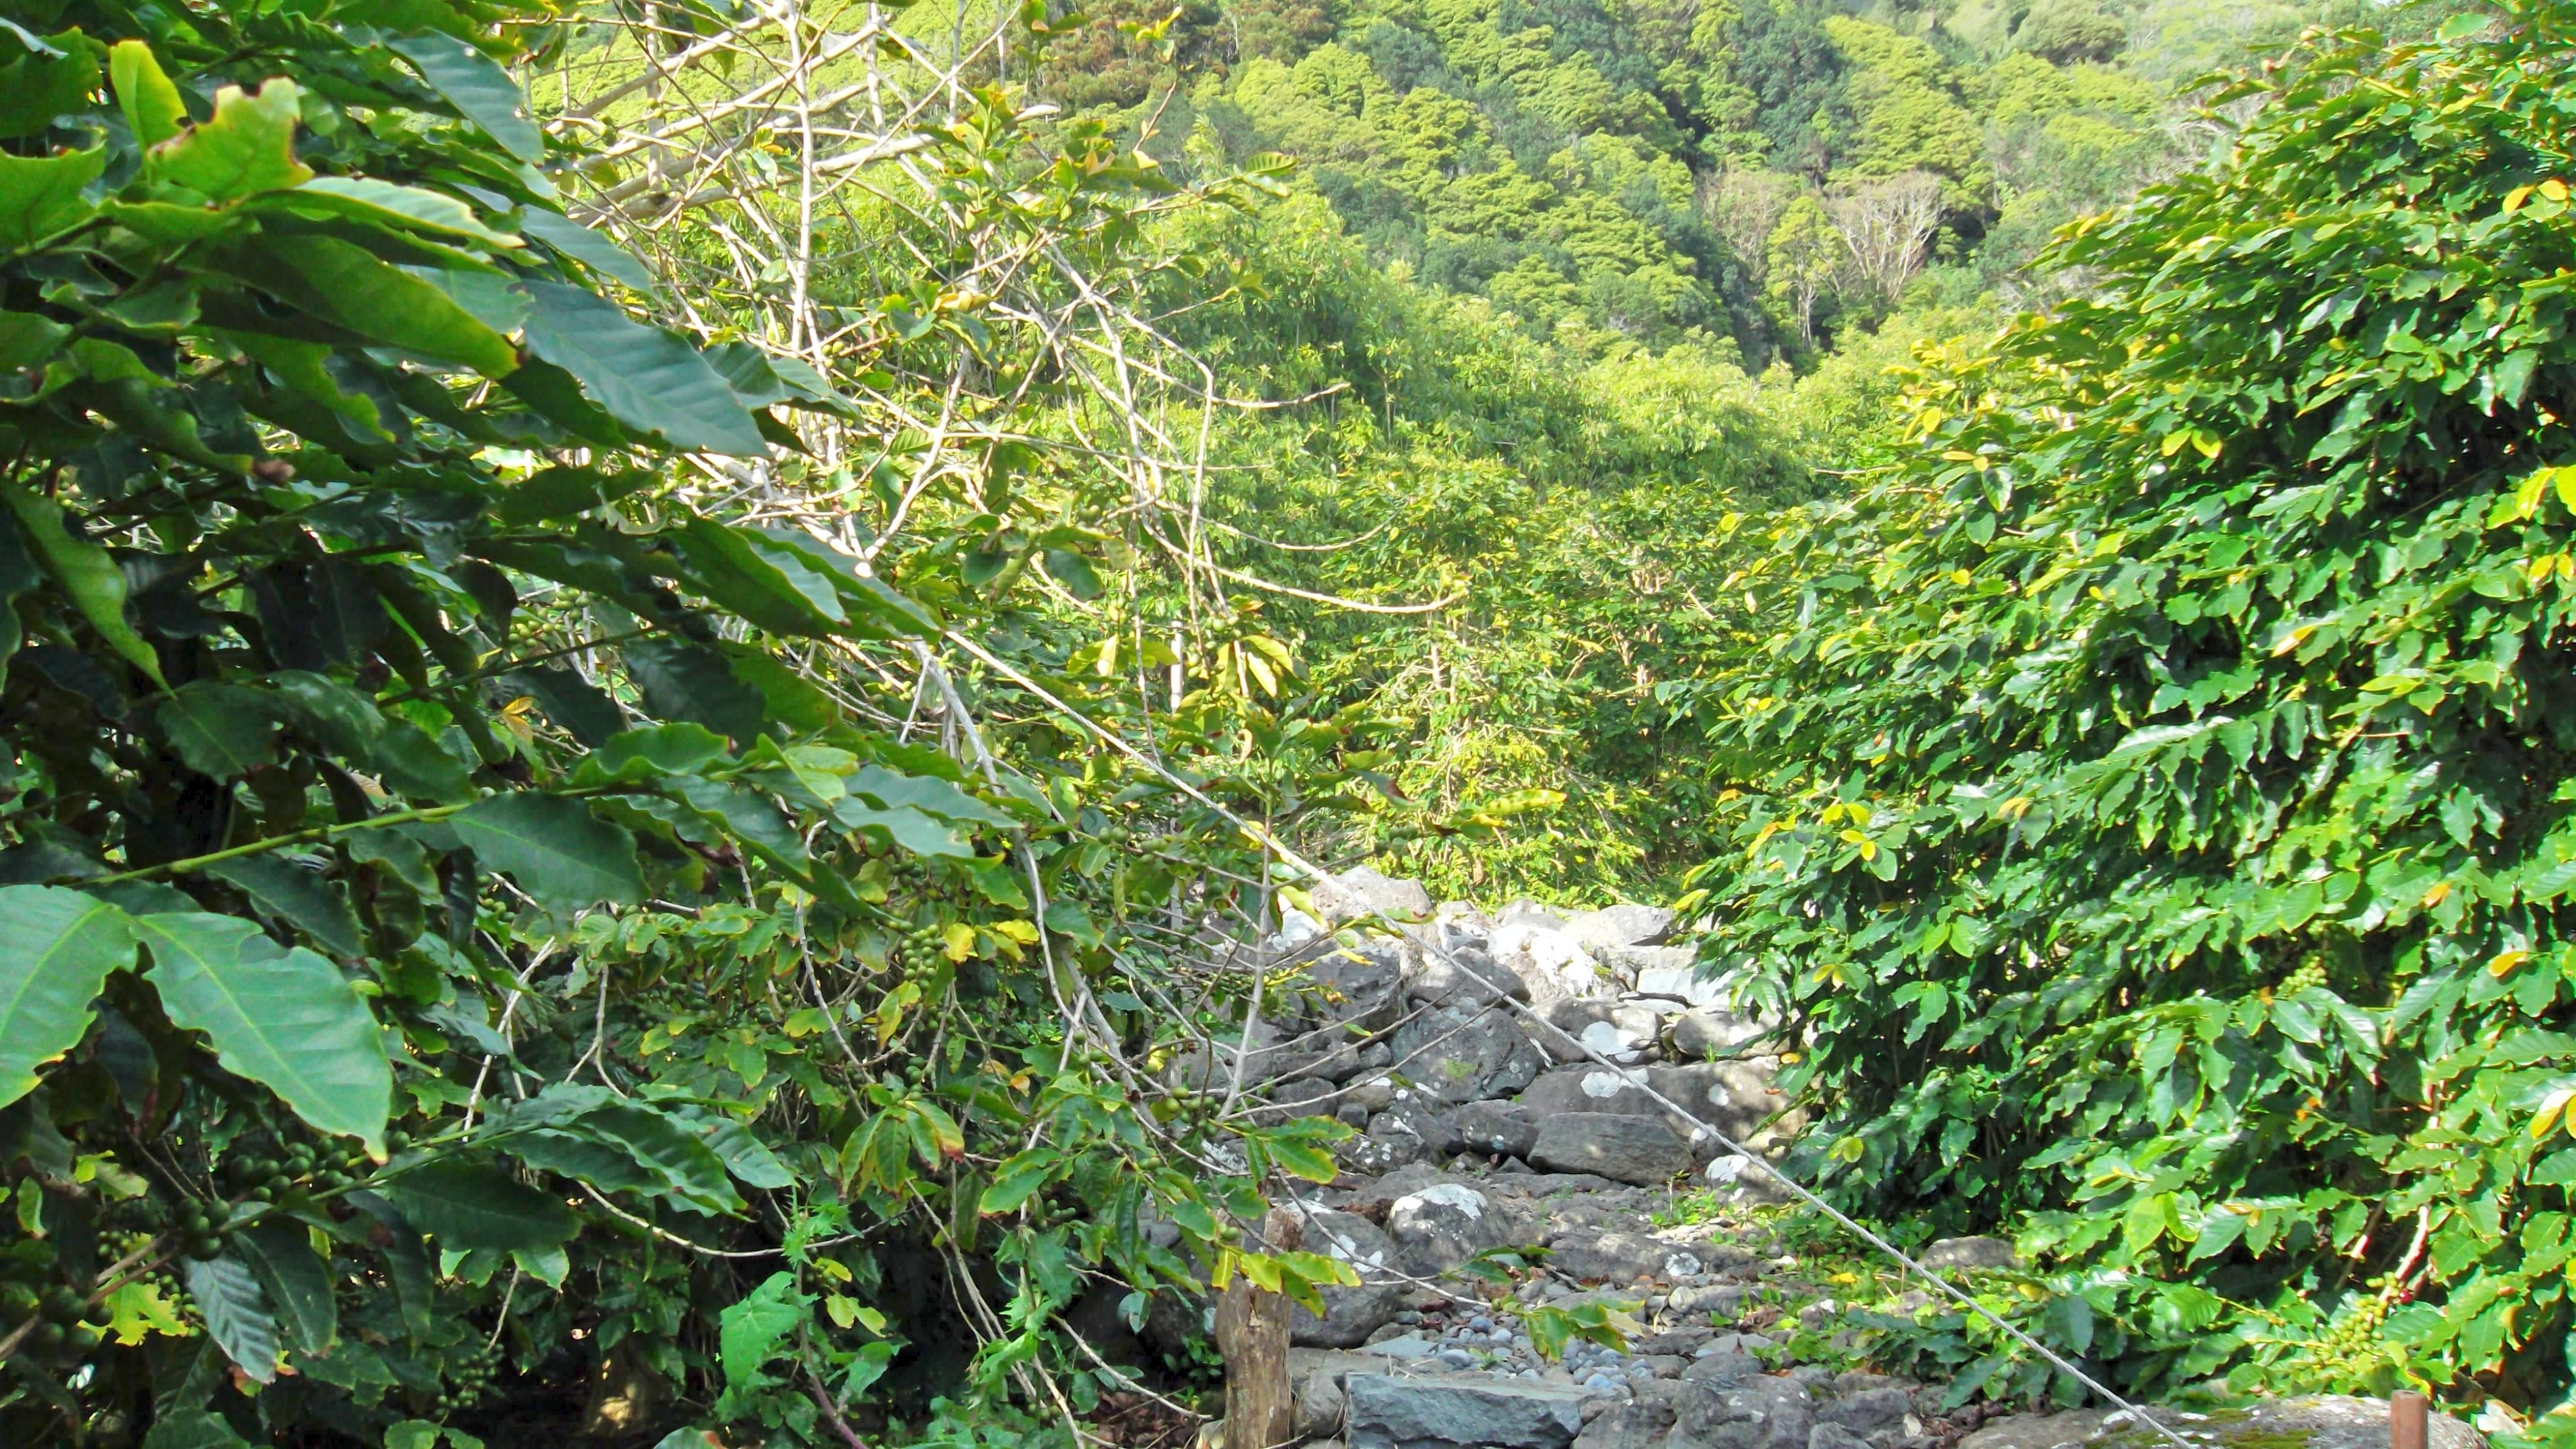 Produtores de café e de inhame nos Açores devem aproveitar apoios existentes na sua plenitude, destacou João Ponte